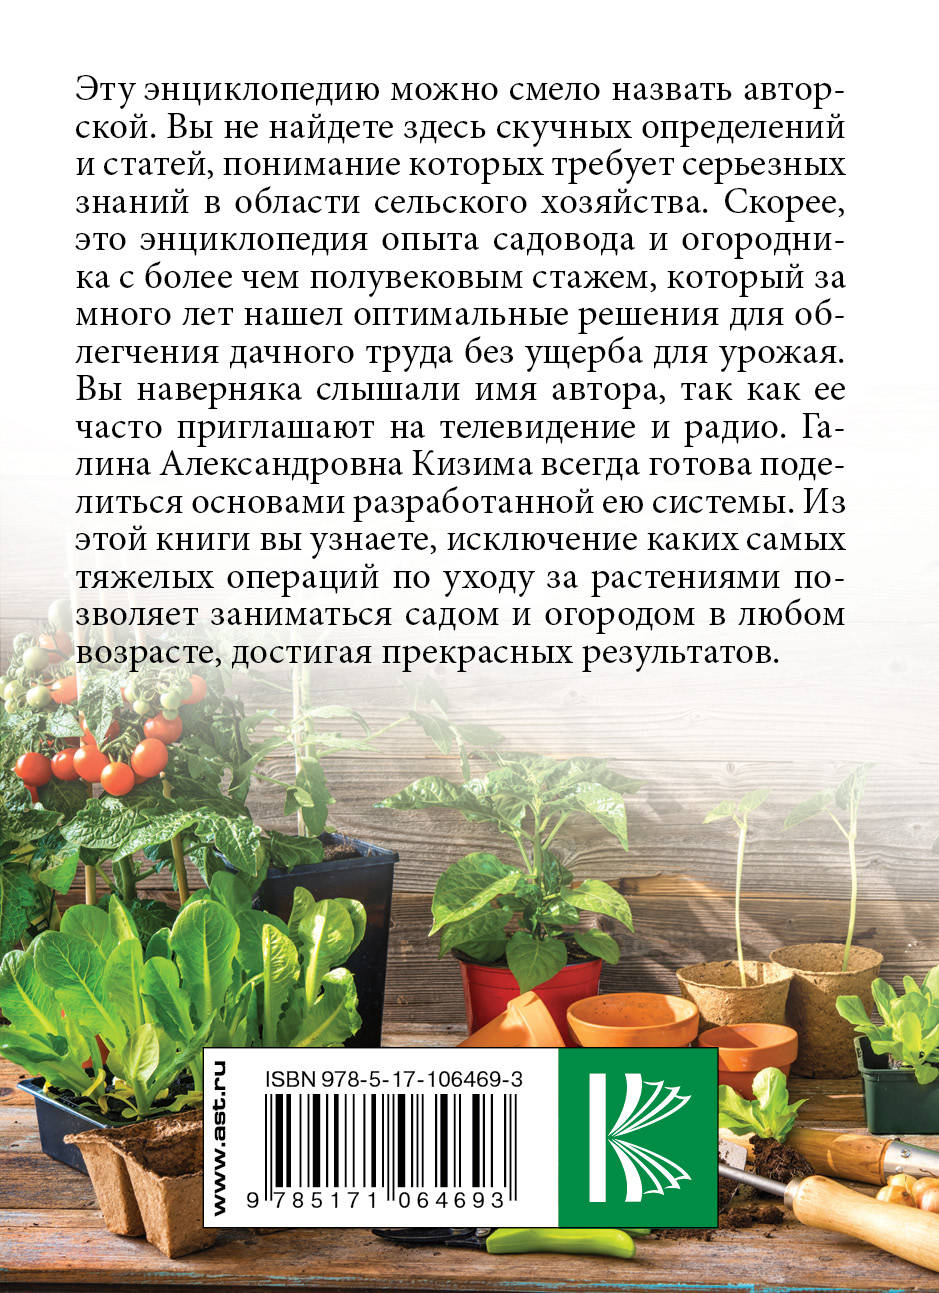 Энциклопедия разумно ленивого огородника, садовода и цветовода.